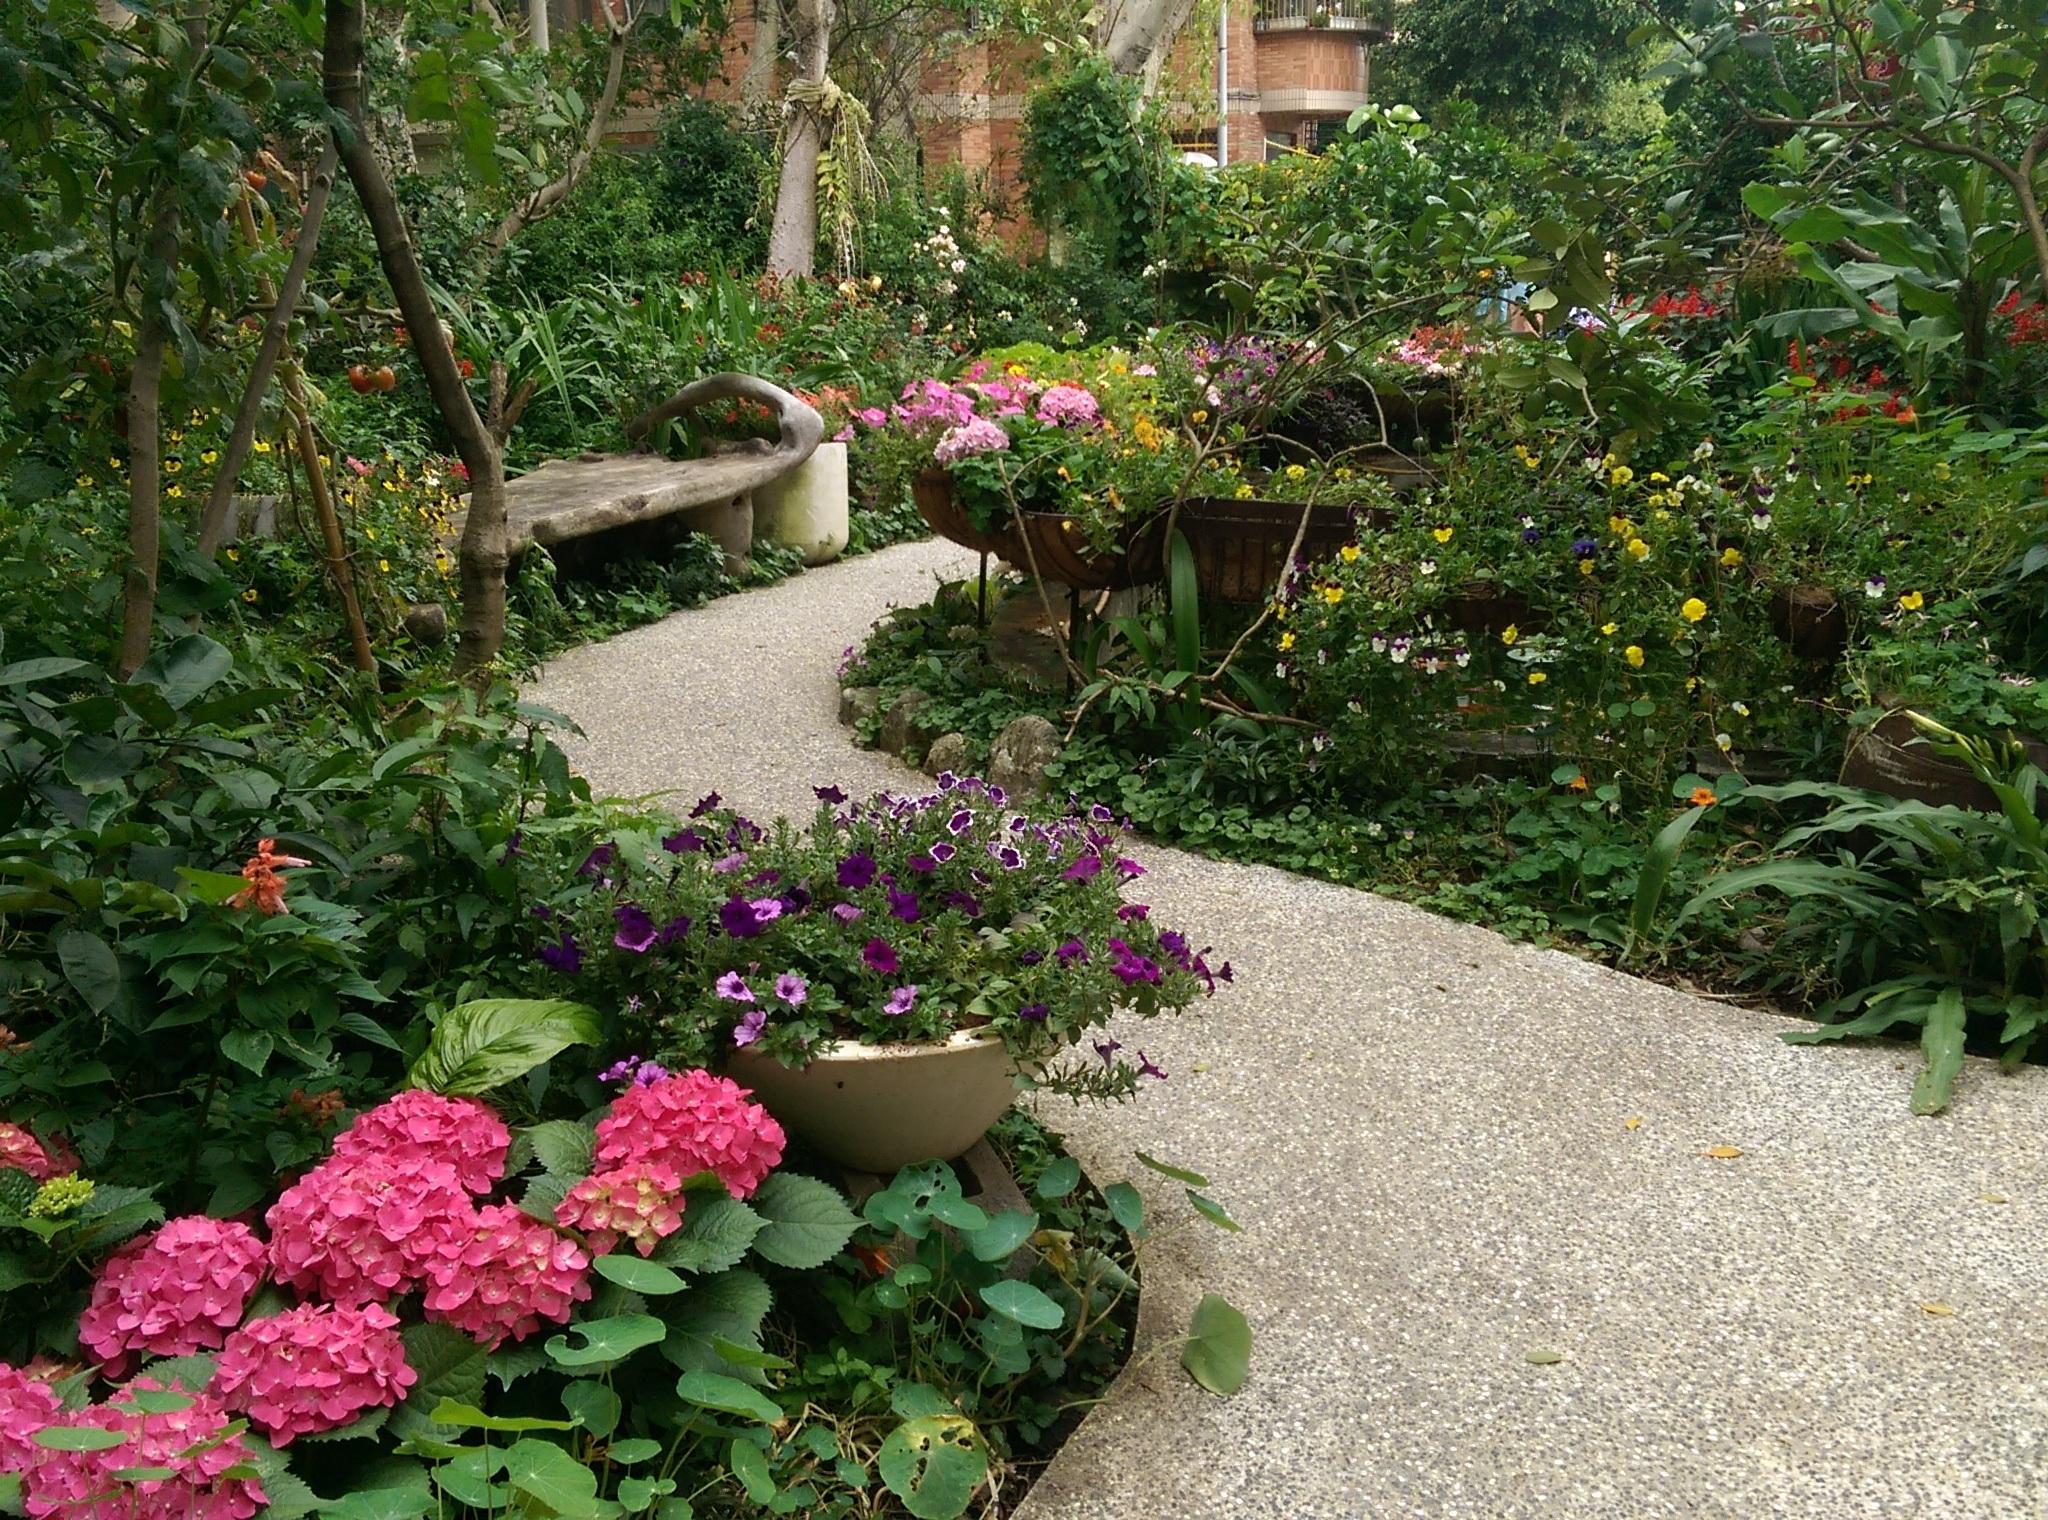 Fotos gratis : planta, sendero, césped, flor, Pasarela, estanque ...